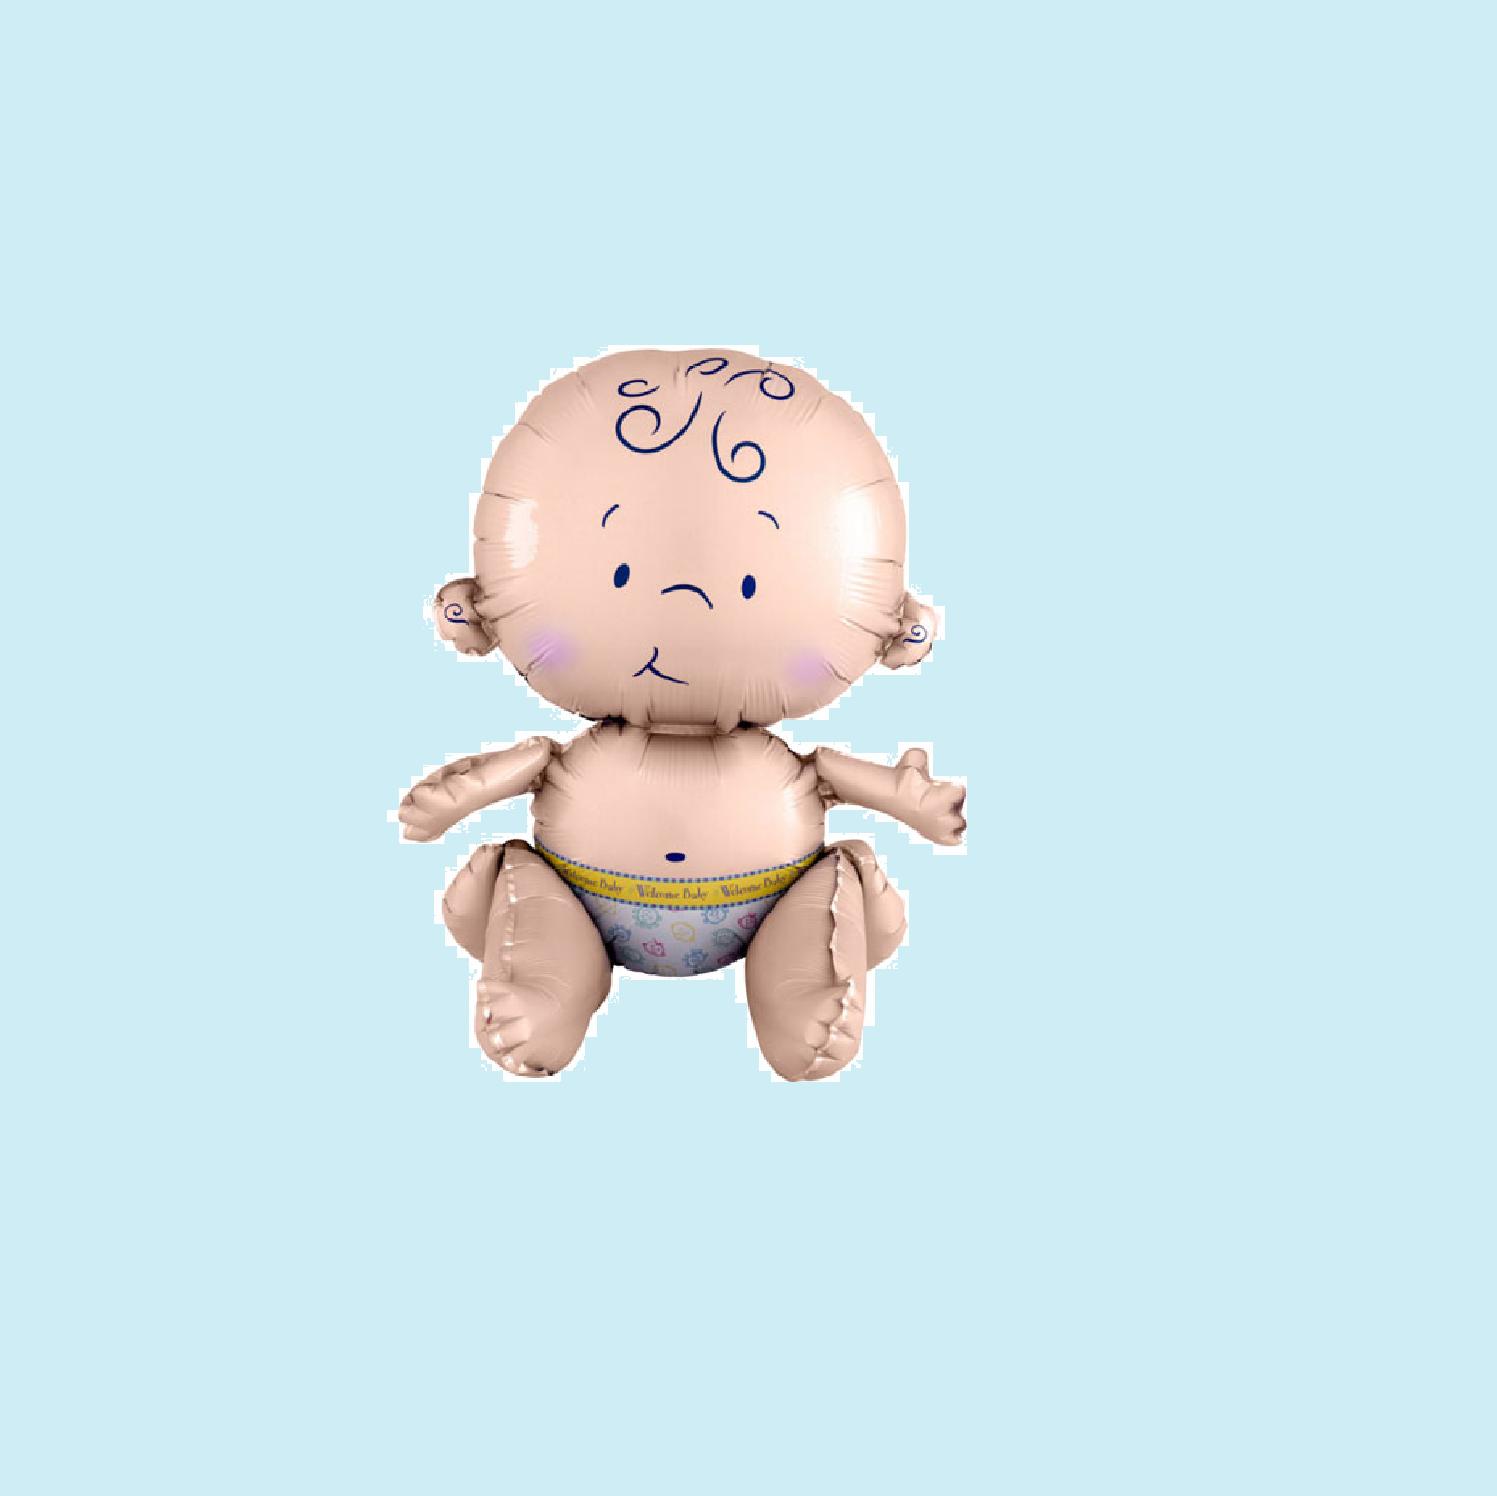 Geburt / Baby Shower